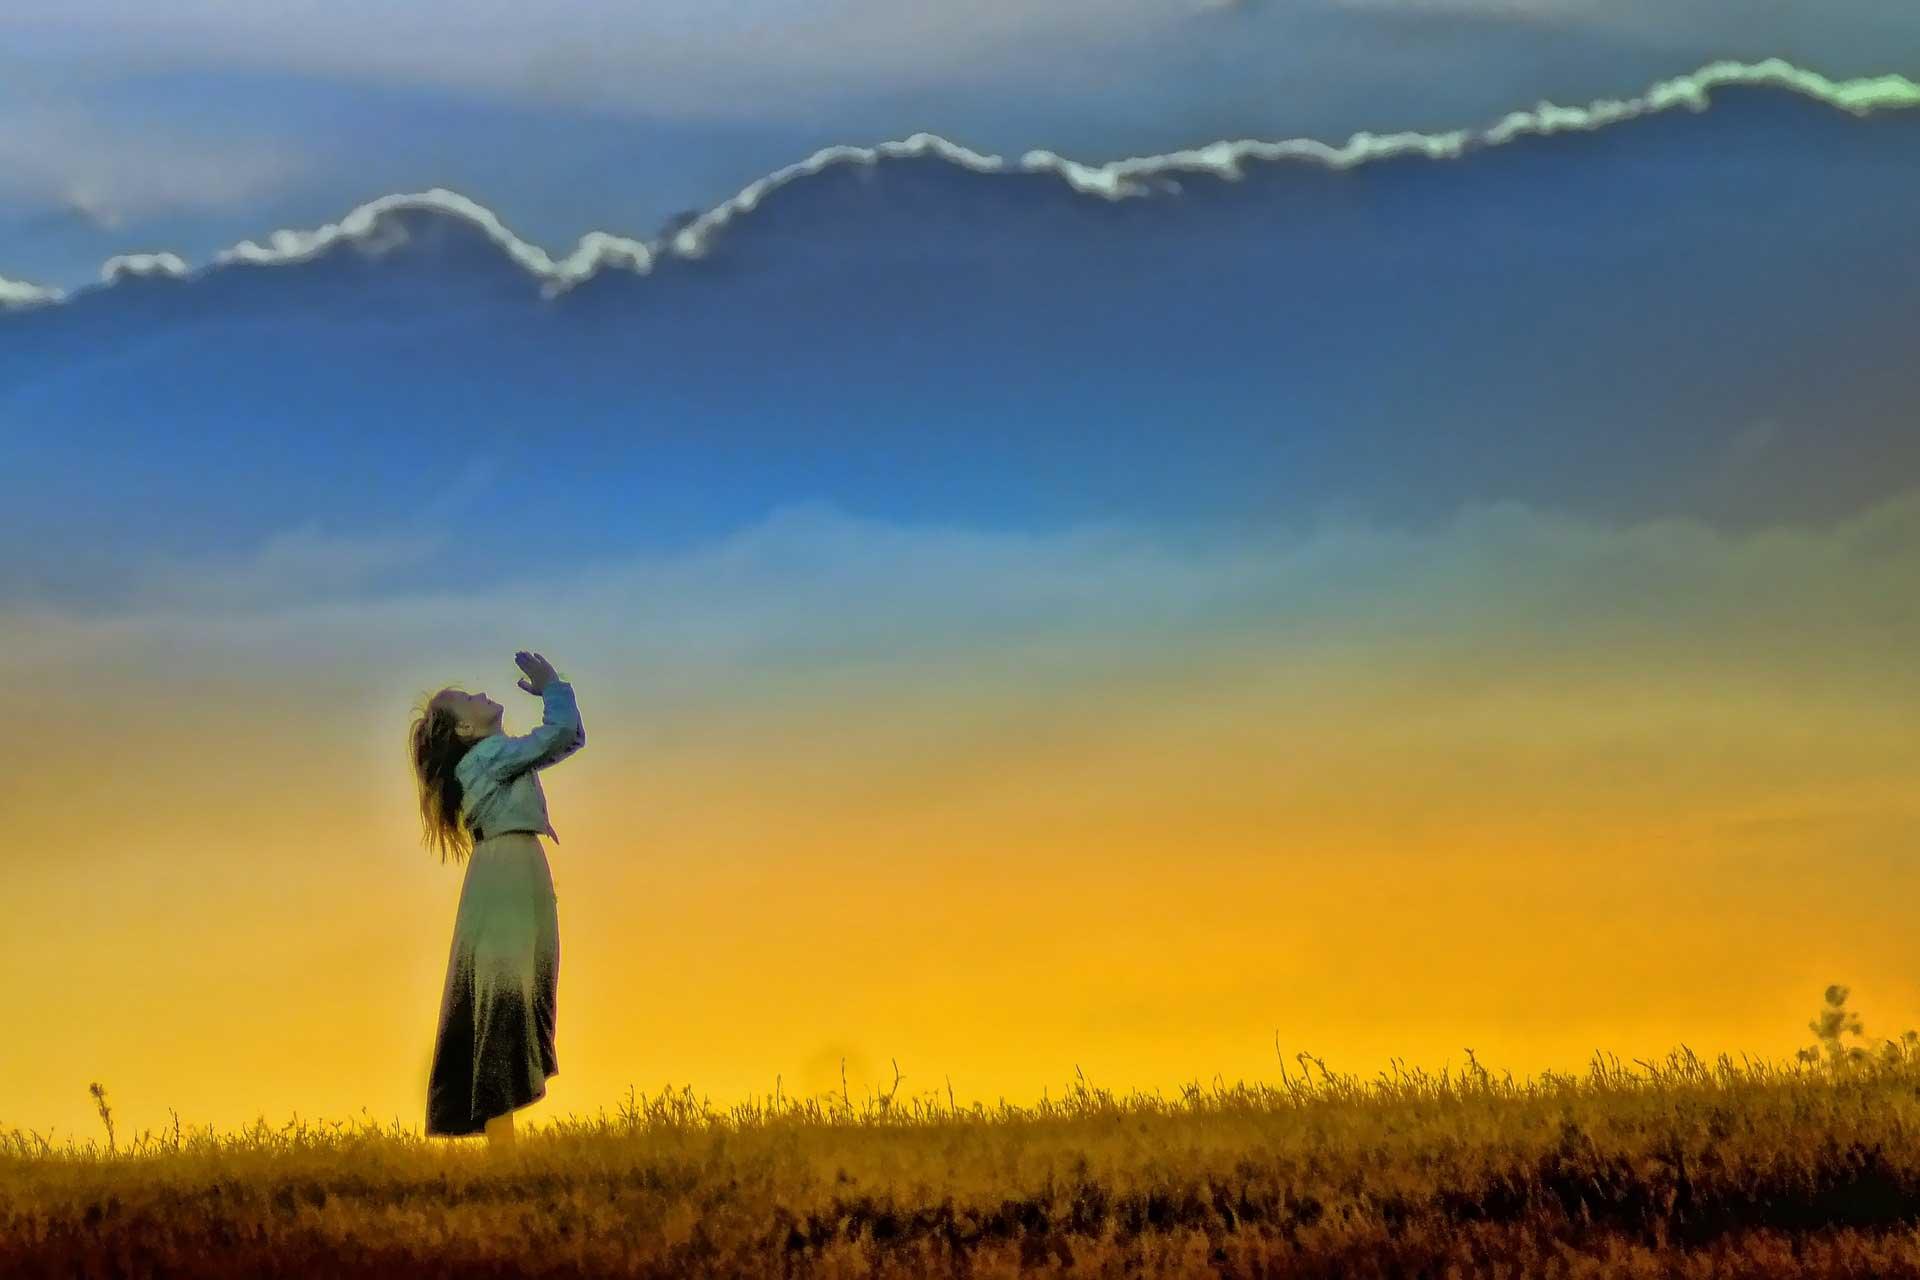 внутренний мир человека, и его вера в себя